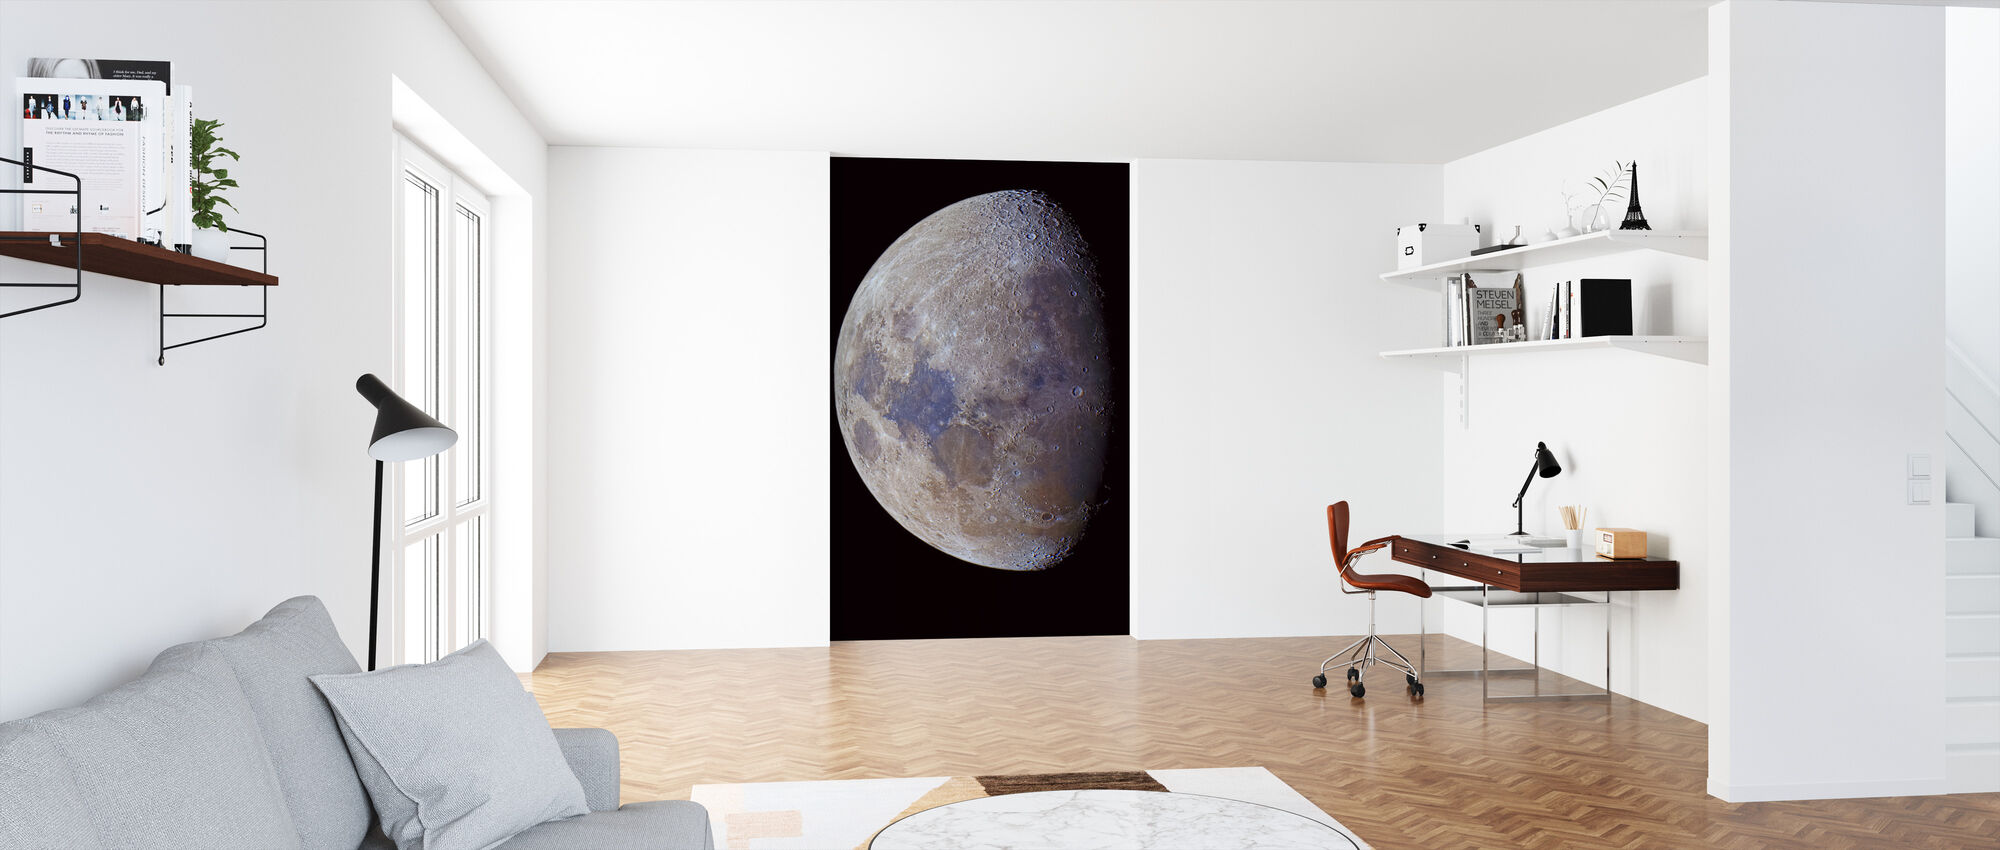 Lunar värit - Tapetti - Toimisto